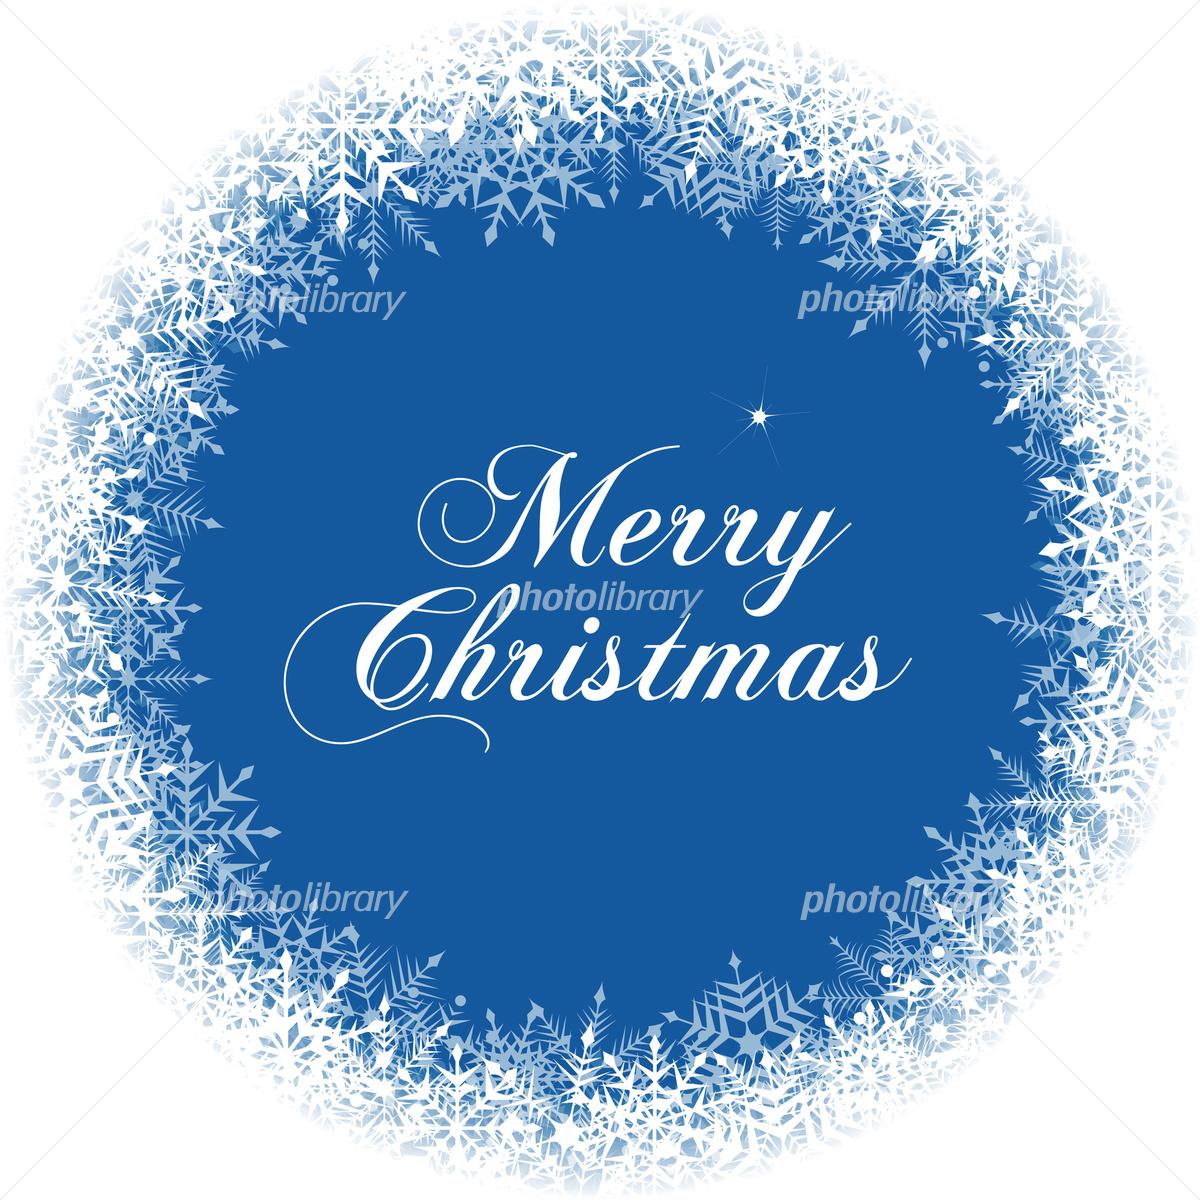 雪の結晶のおしゃれなクリスマスの丸いフレームデザインイラスト 写真